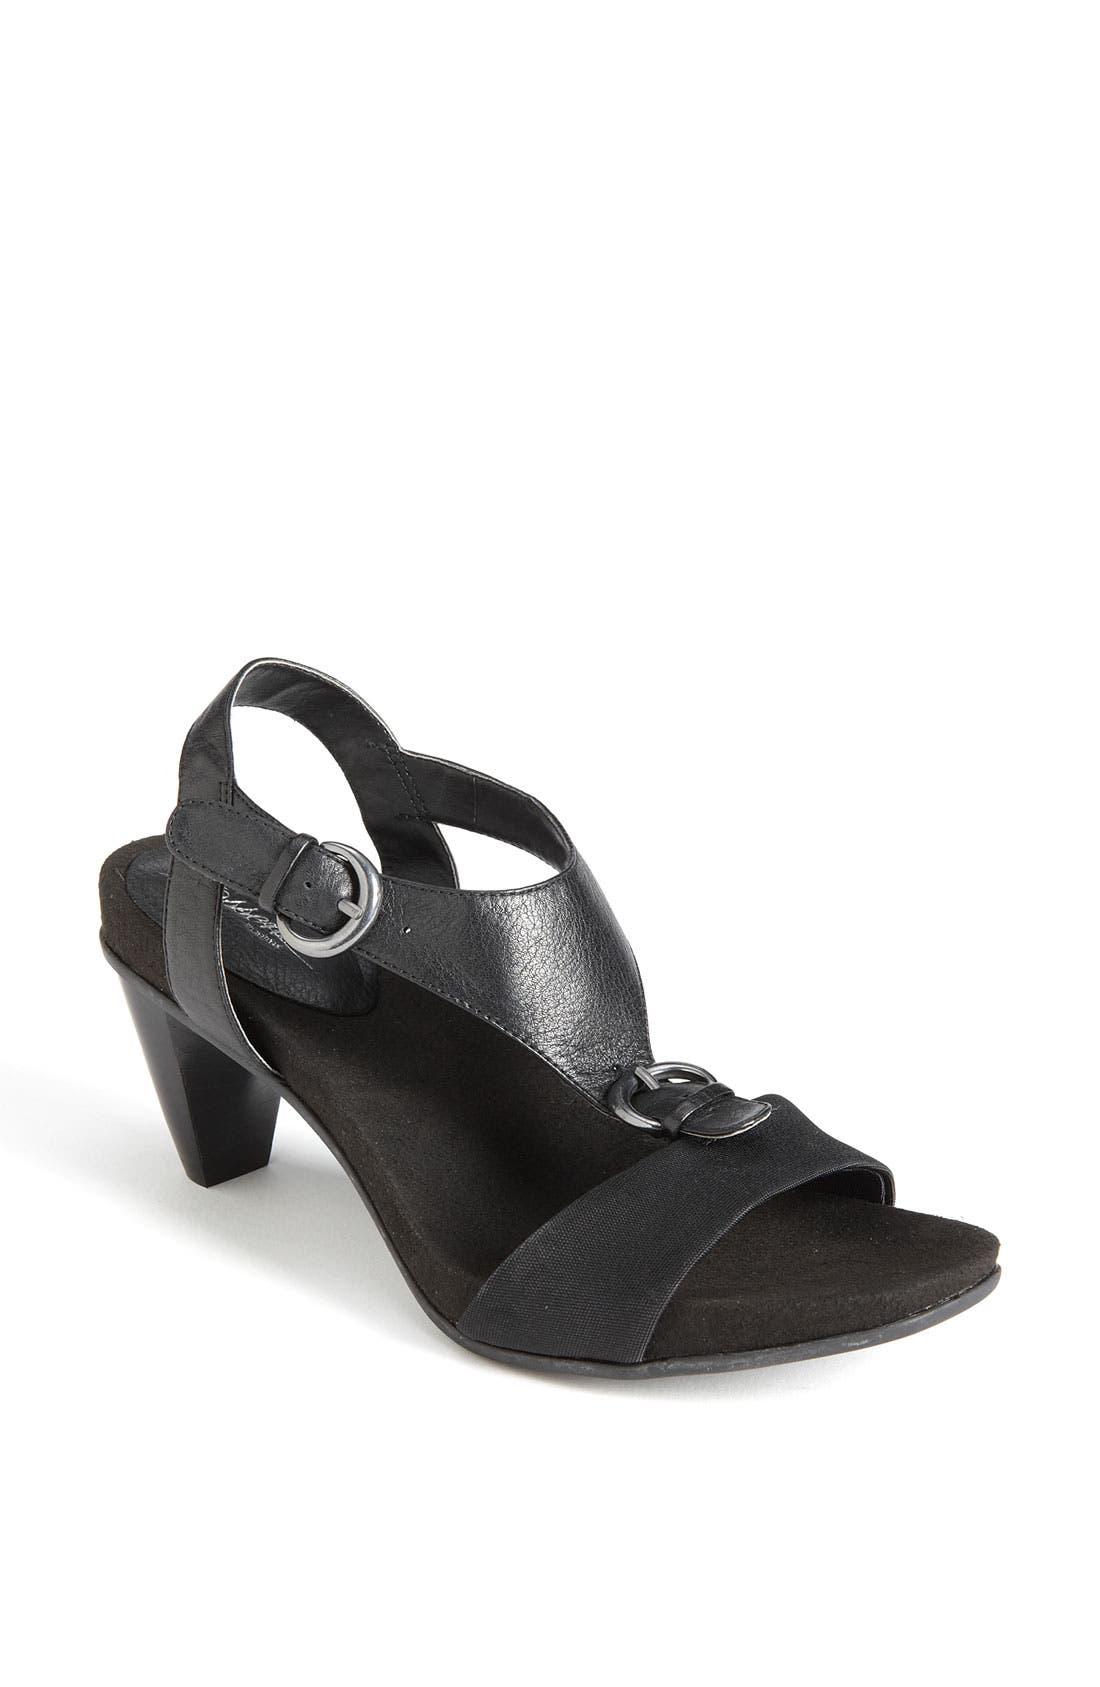 Alternate Image 1 Selected - Aetrex 'Tanya' Sandal